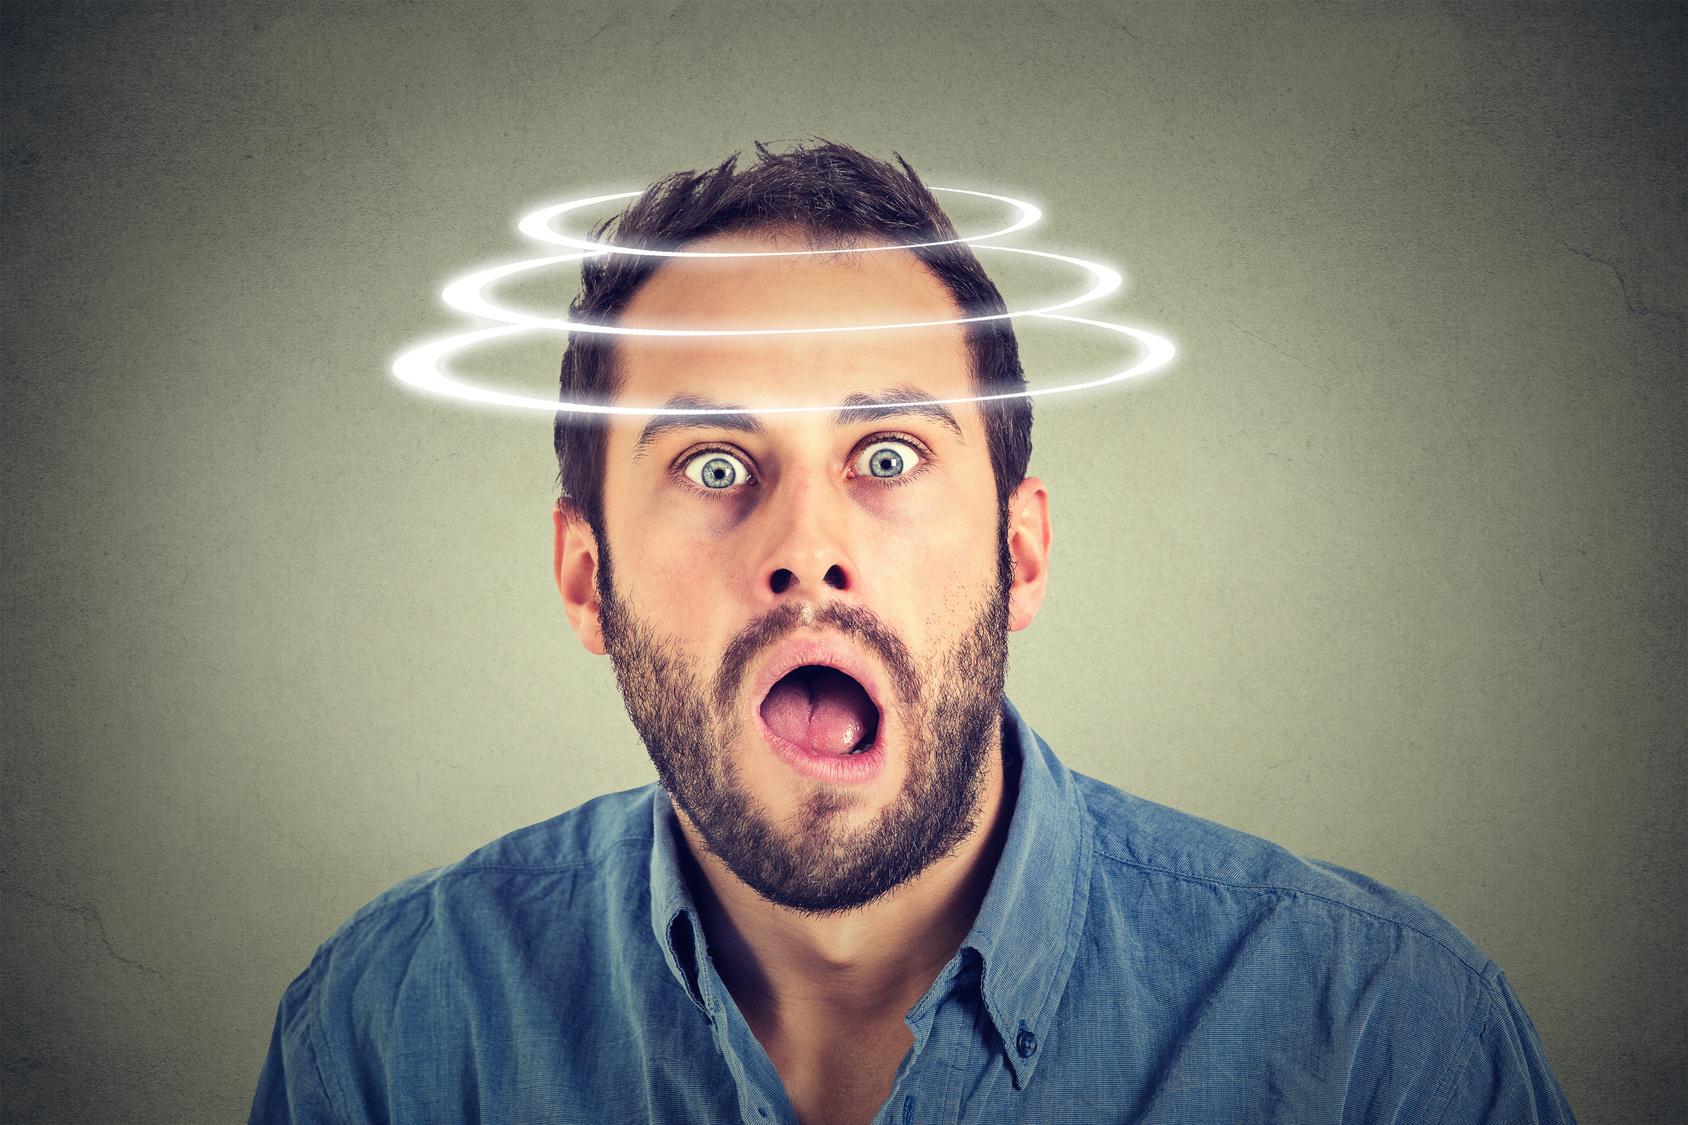 めまいでぐるぐる、ふわふわ…耳だけじゃなくて脳の病気の可能性があります!